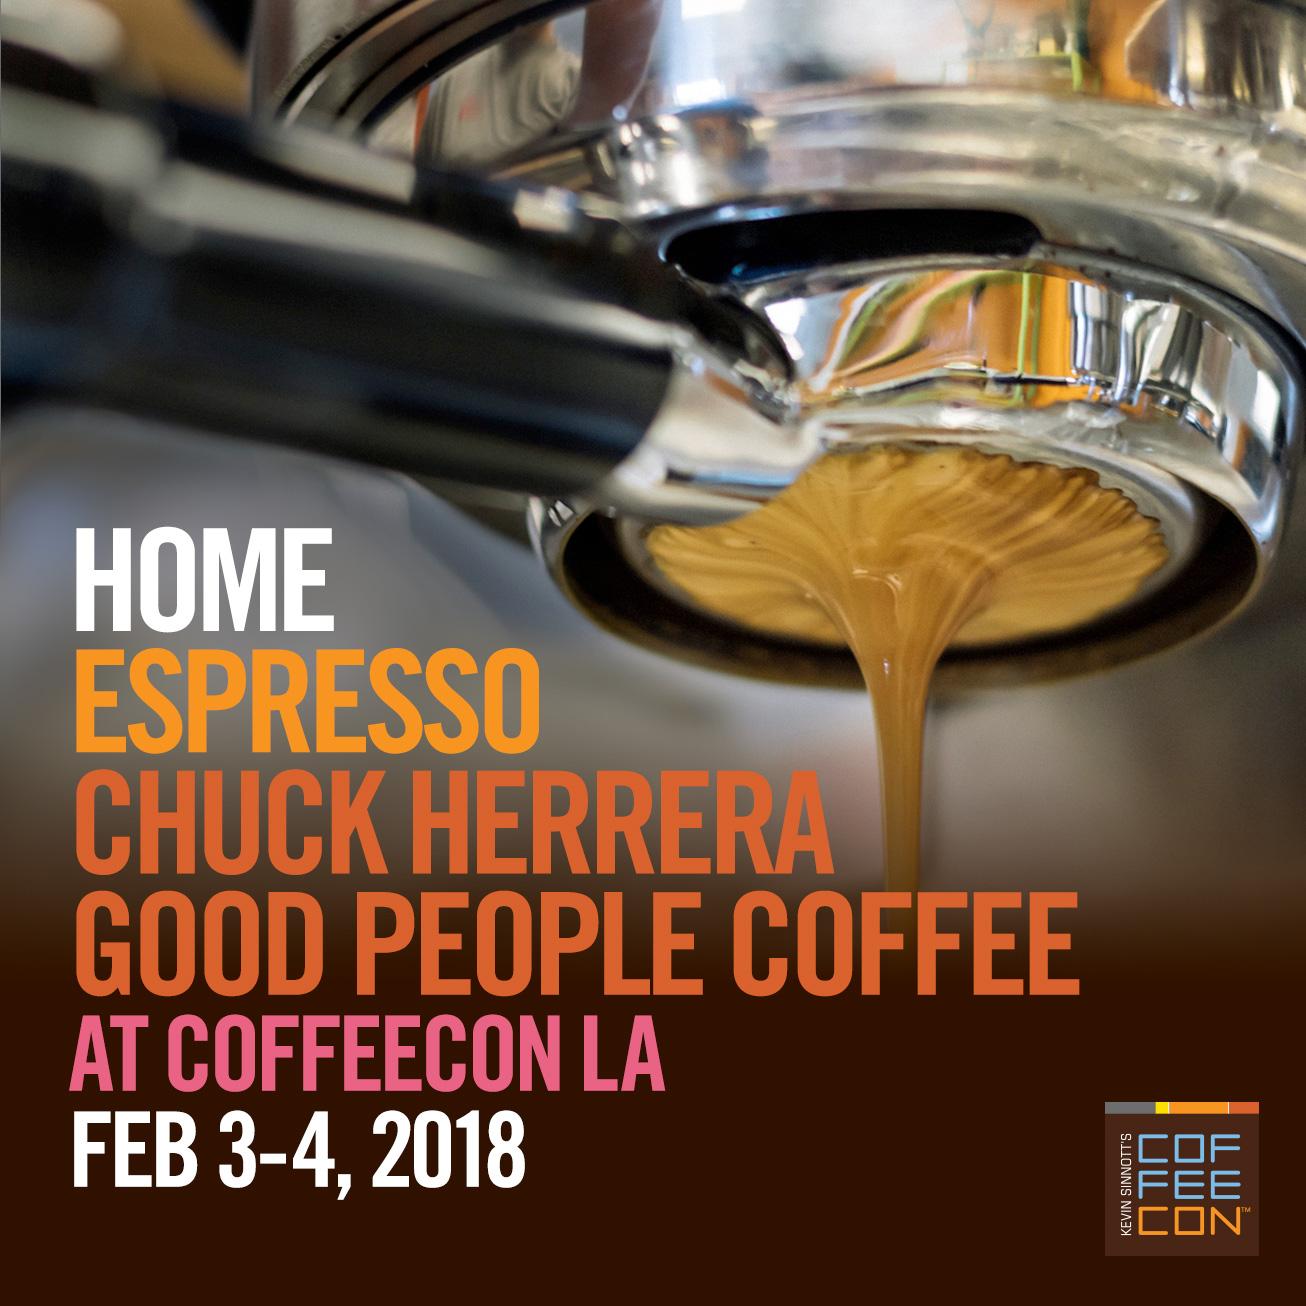 Home Espresso at CoffeeConLA